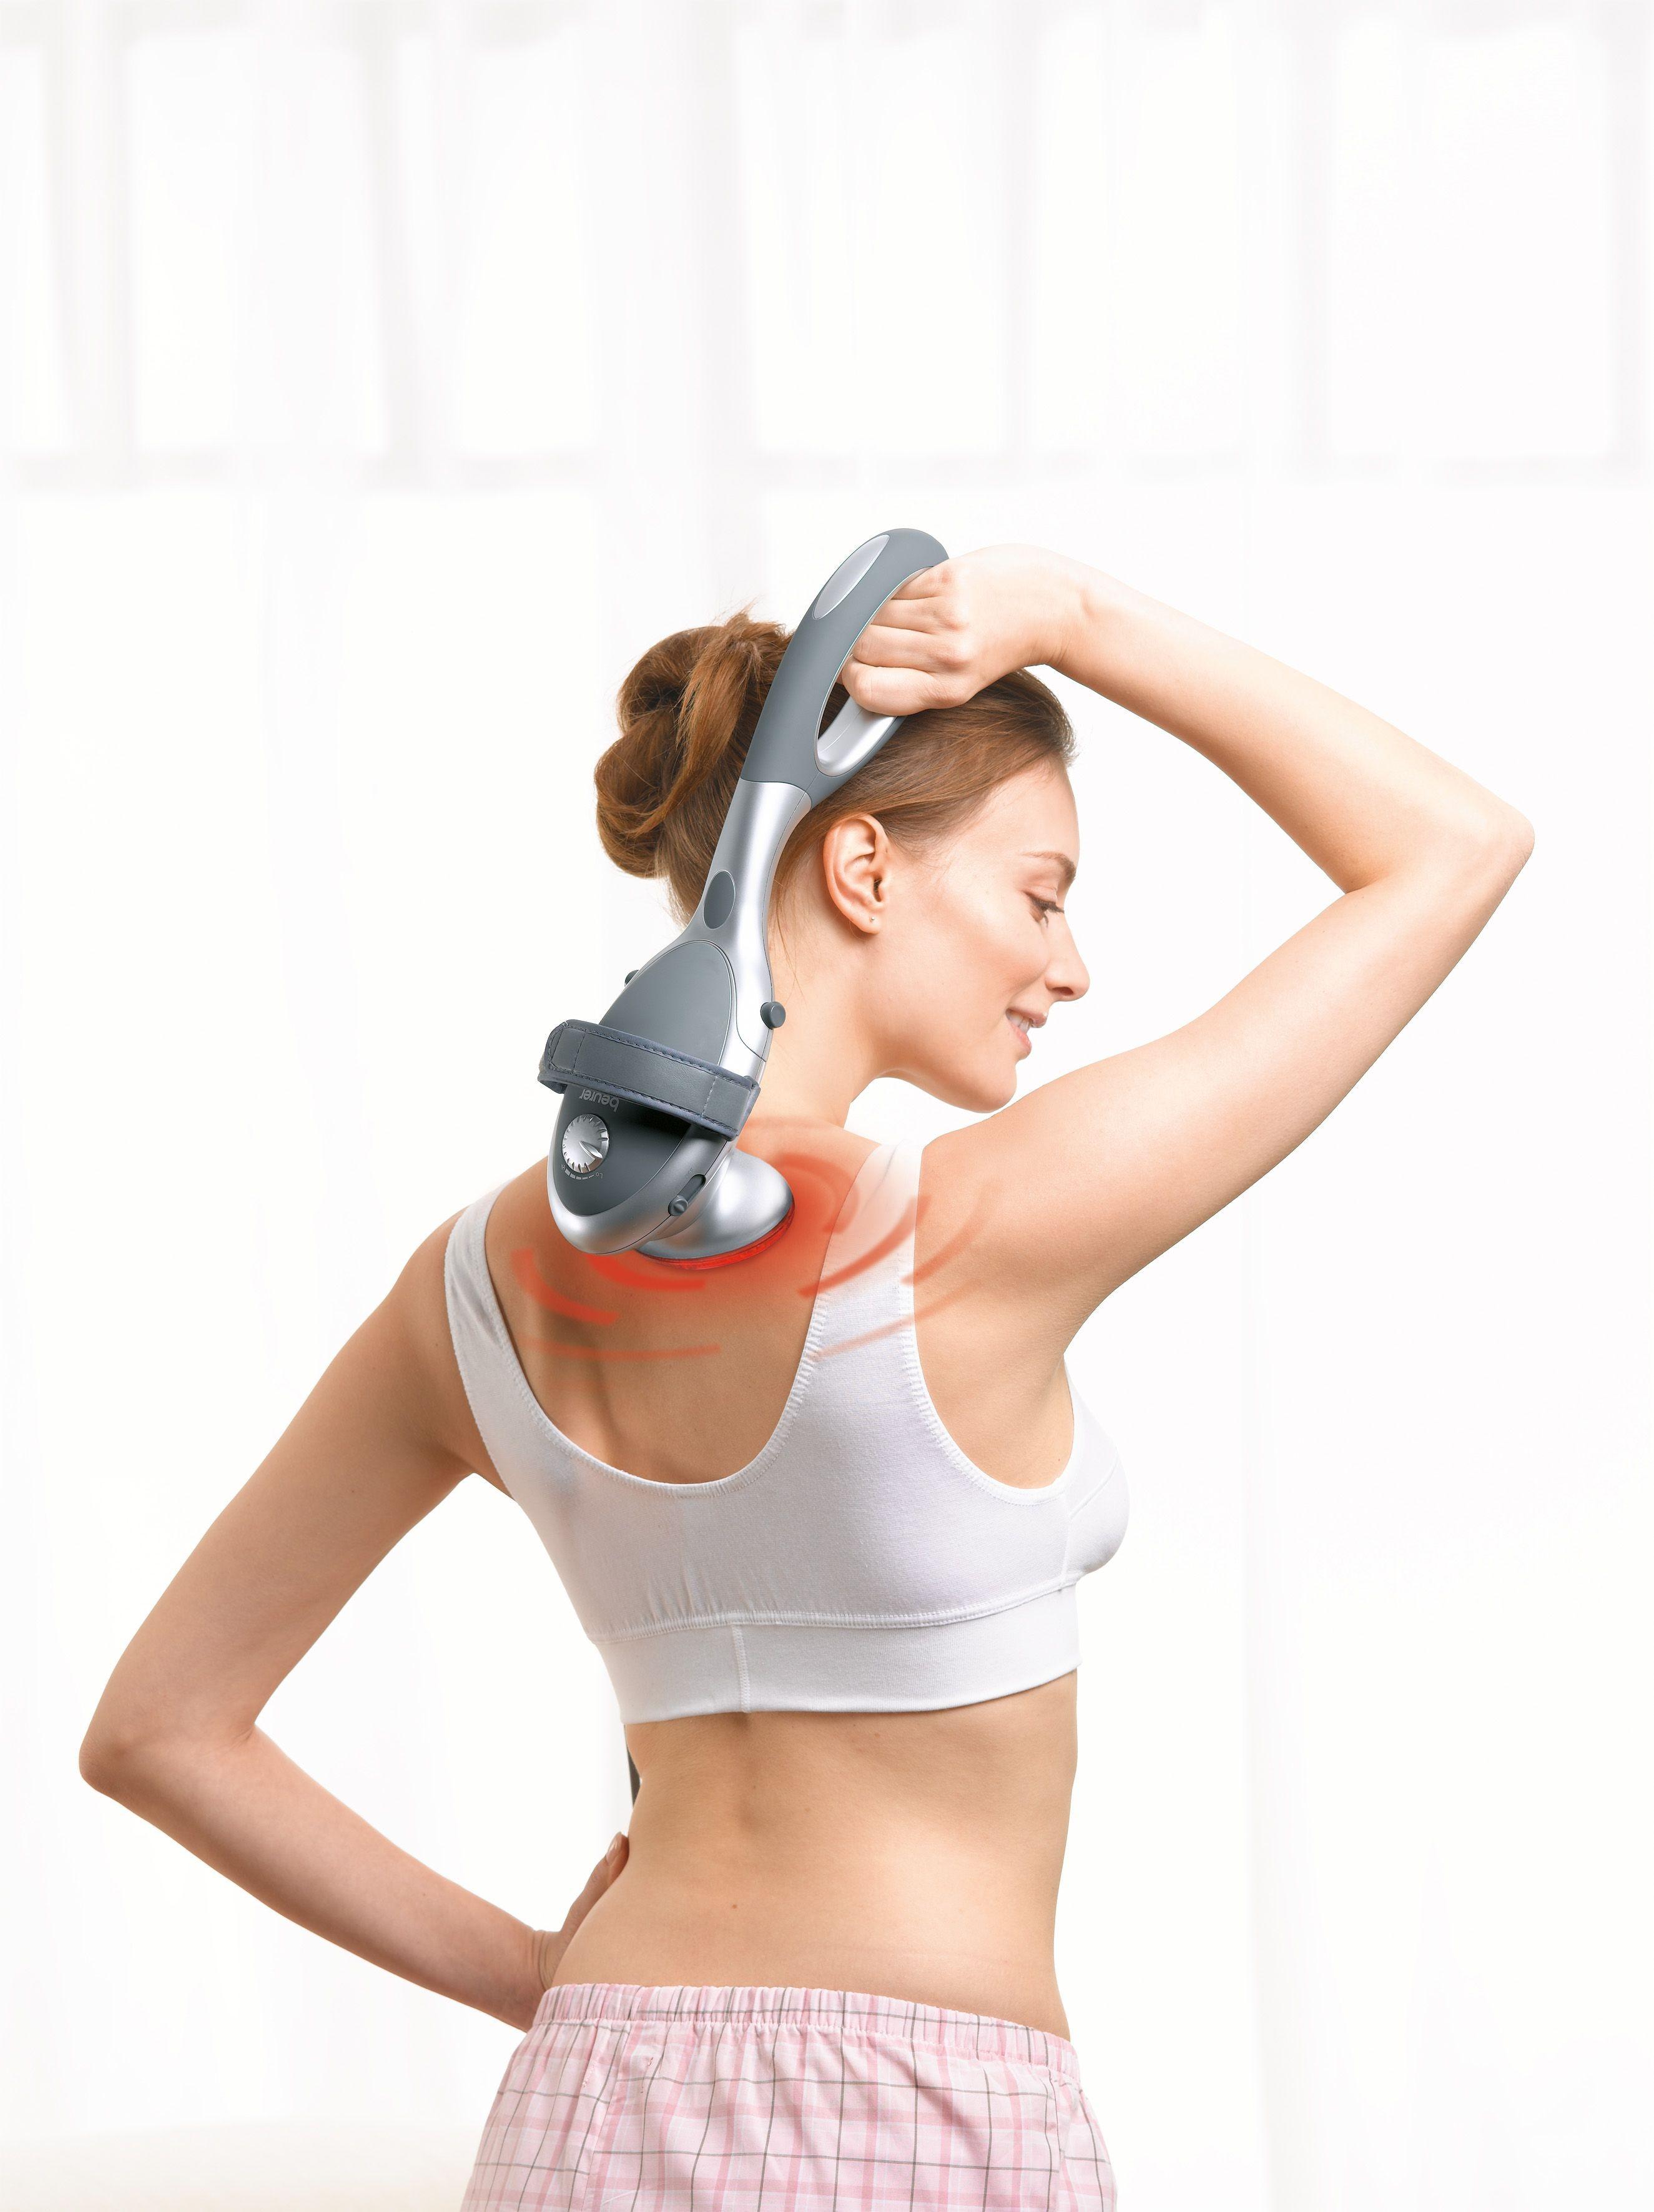 mujer utilizando un masajeador en la espalda